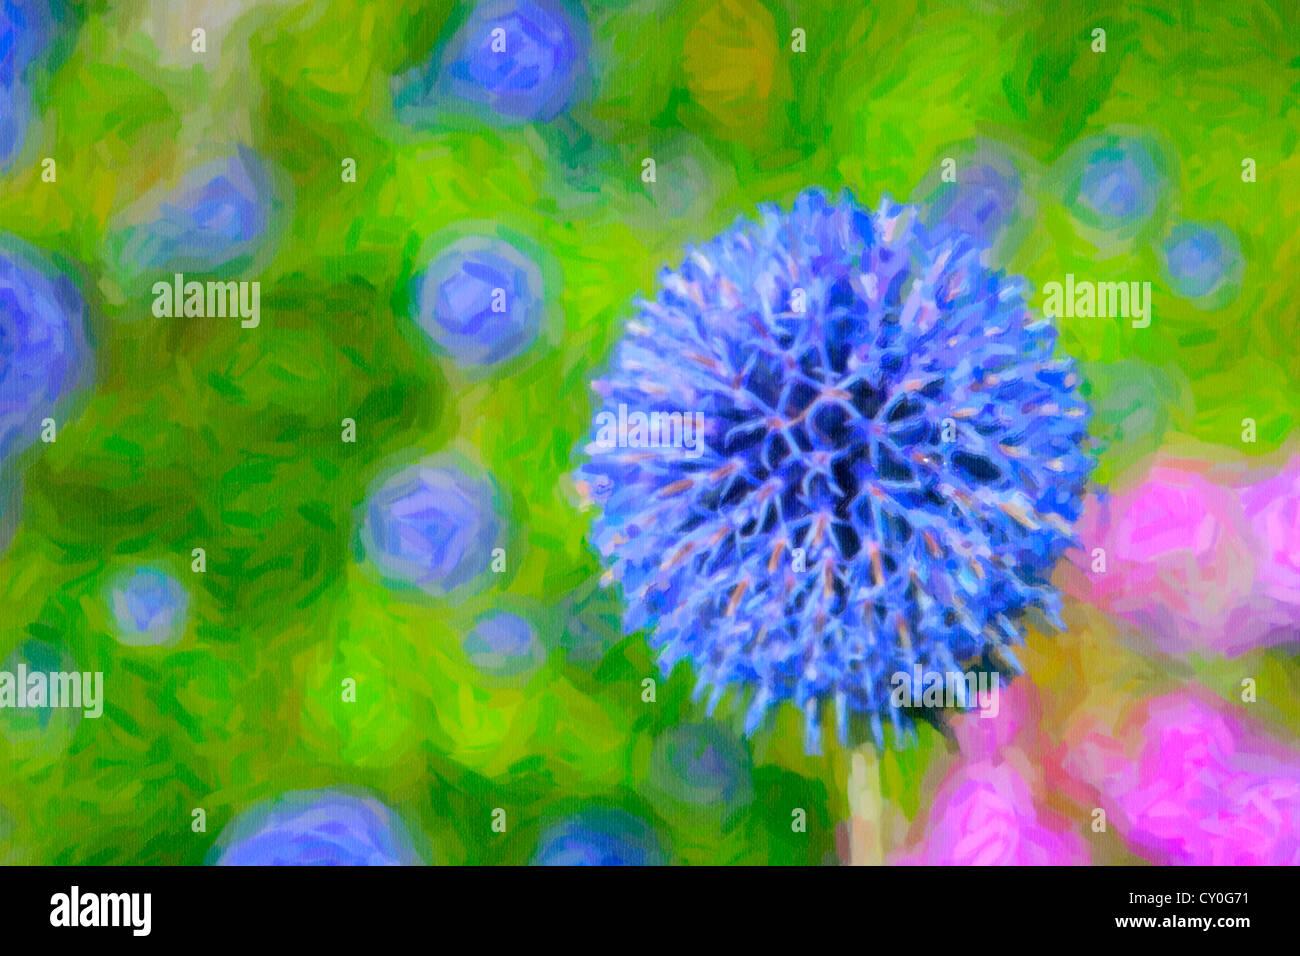 Flowering globe thistle in the summer garden. - Stock Image